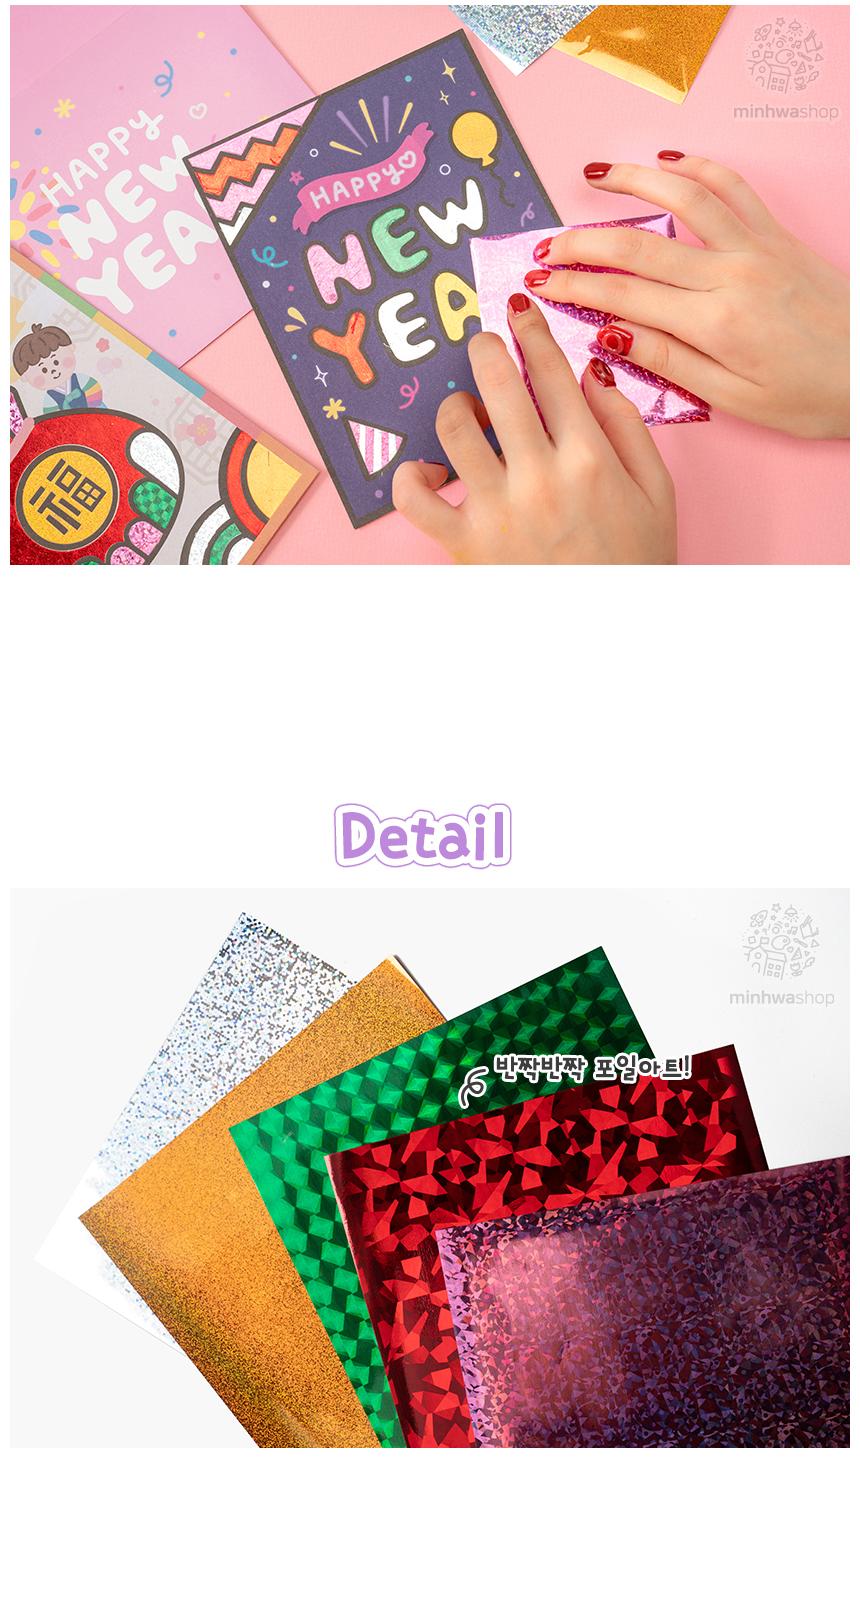 새해 포일아트 카드